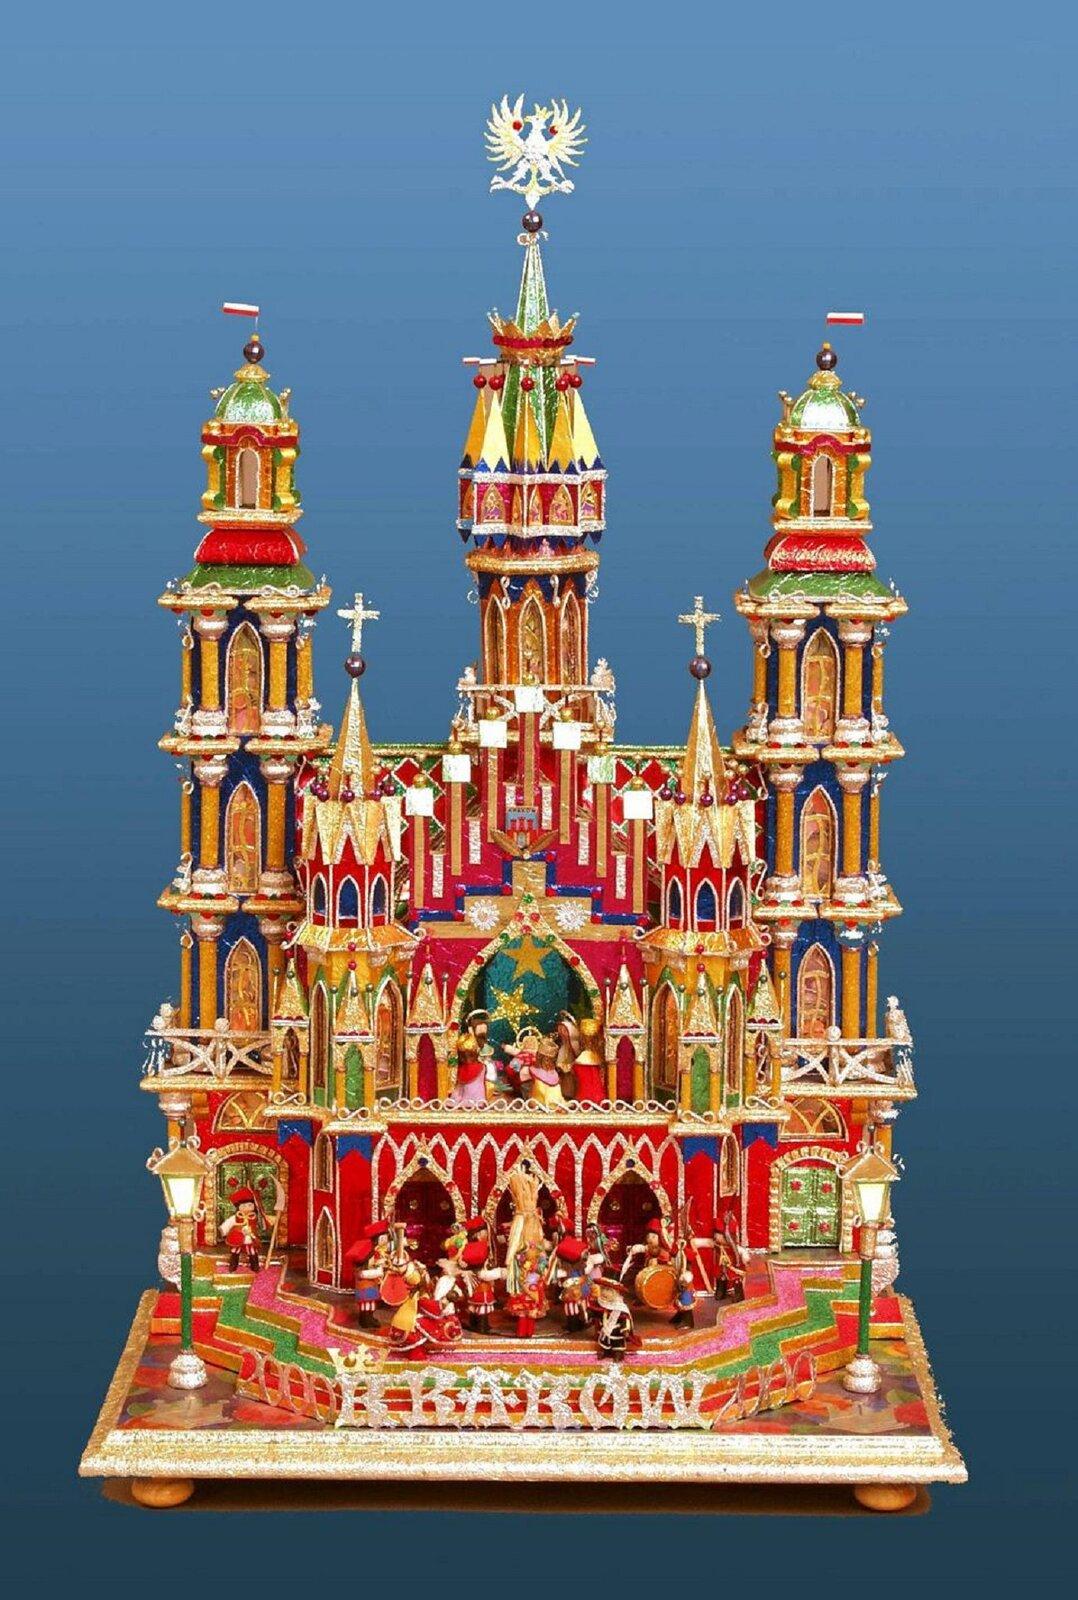 Na zdjęciu szopka bożonarodzeniowa, pochodząca zKrakowa. Szopka podobna jest zdo kościoła zwieżami. Na podwyższeniu, wrodzaju balkonu święta Rodzina. Ustóp budowli figurki krakowiaków ikrakowianek.